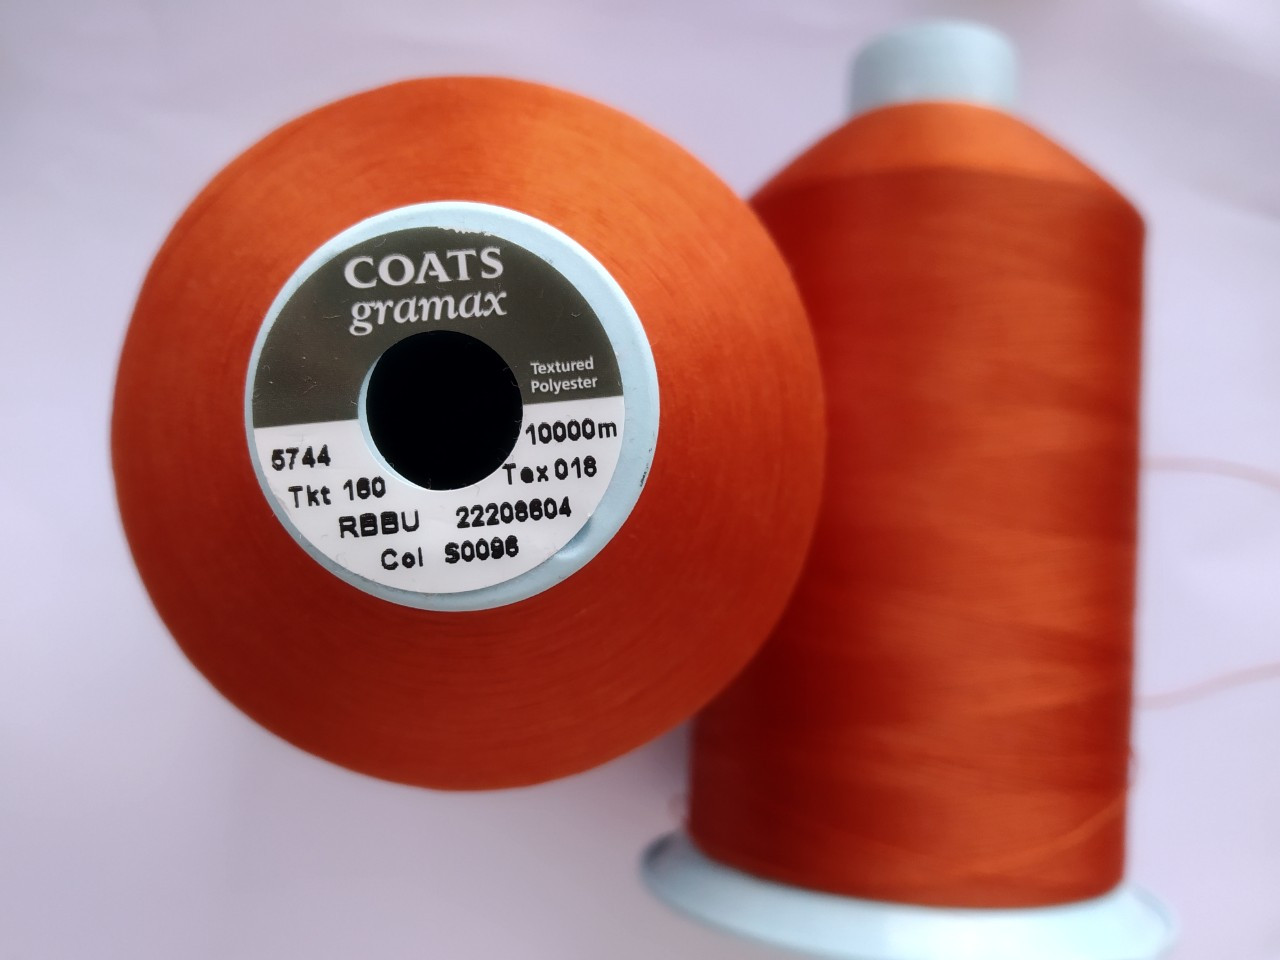 Coats gramax 160/ 10000v / 0096